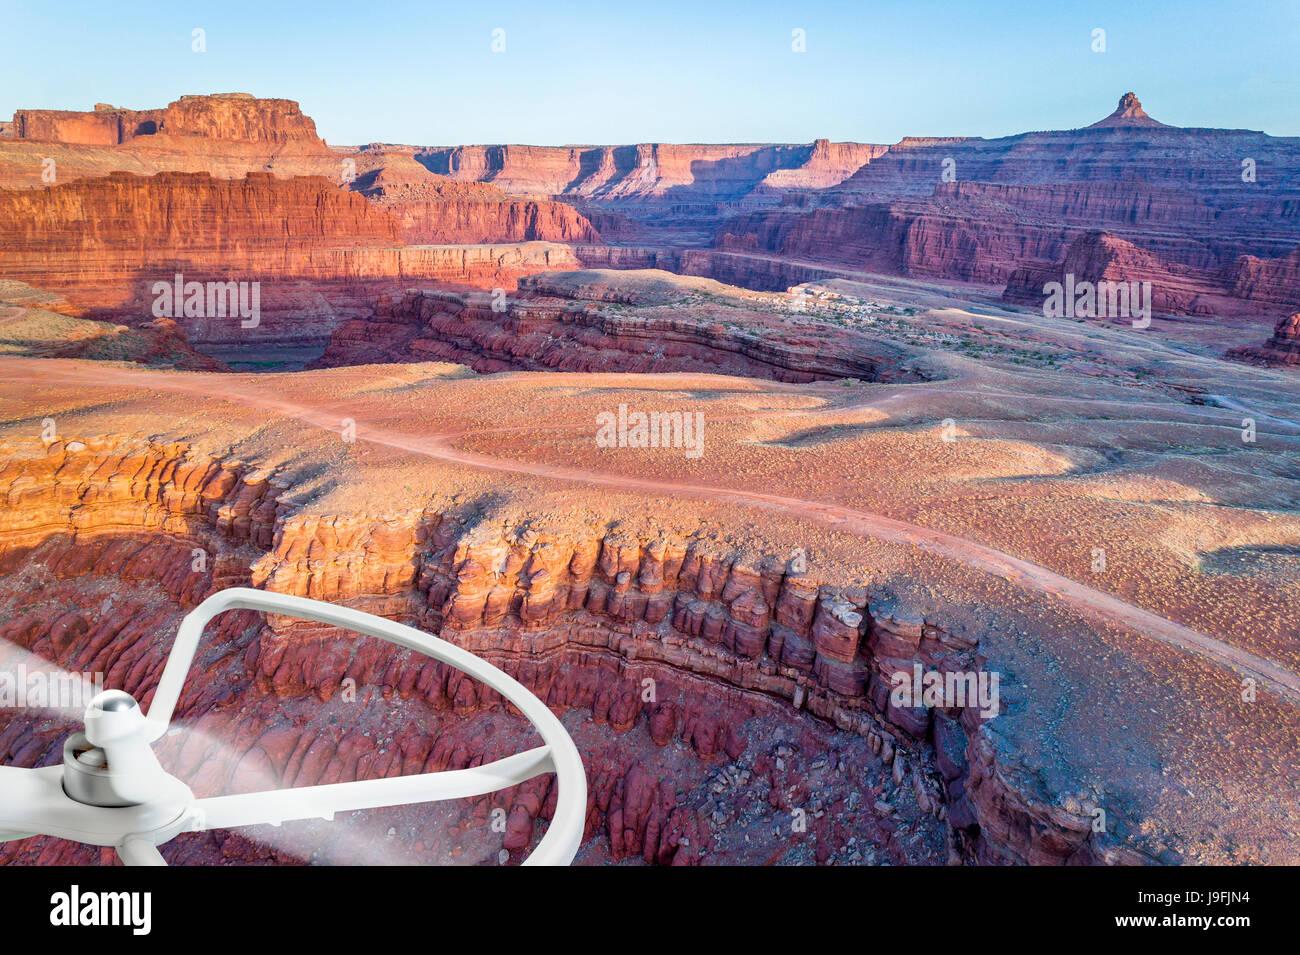 Luftaufnahme des Colorado RIver Canyon in der Nähe von Moab, Utah mit einem rotierenden Propeller enthalten Stockbild